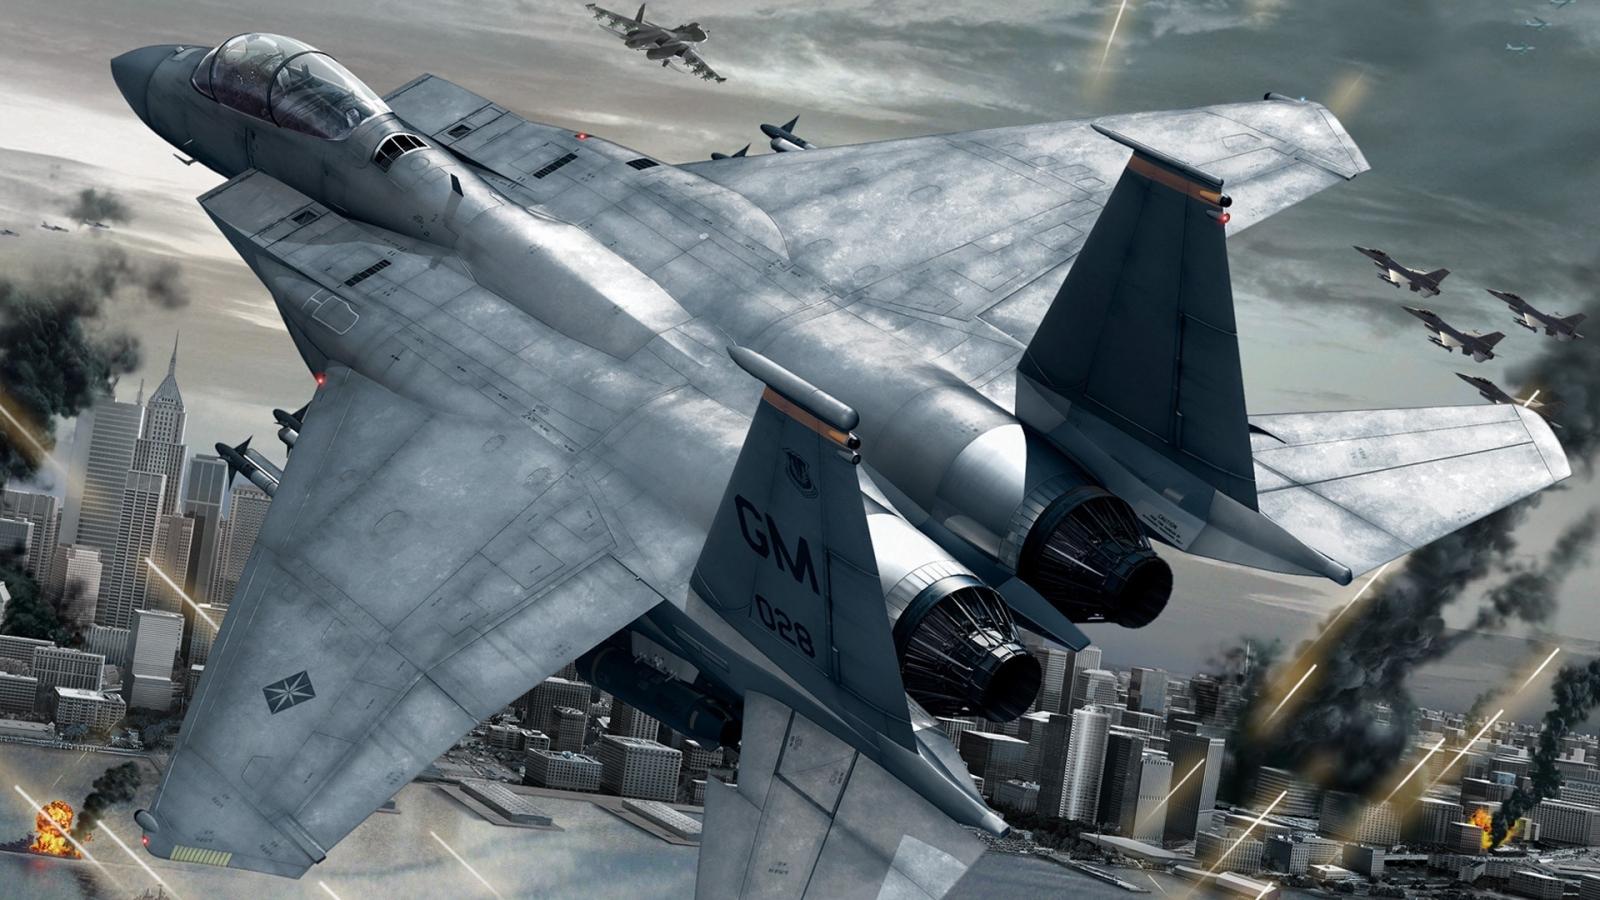 Aviones y videojuegos - 1600x900